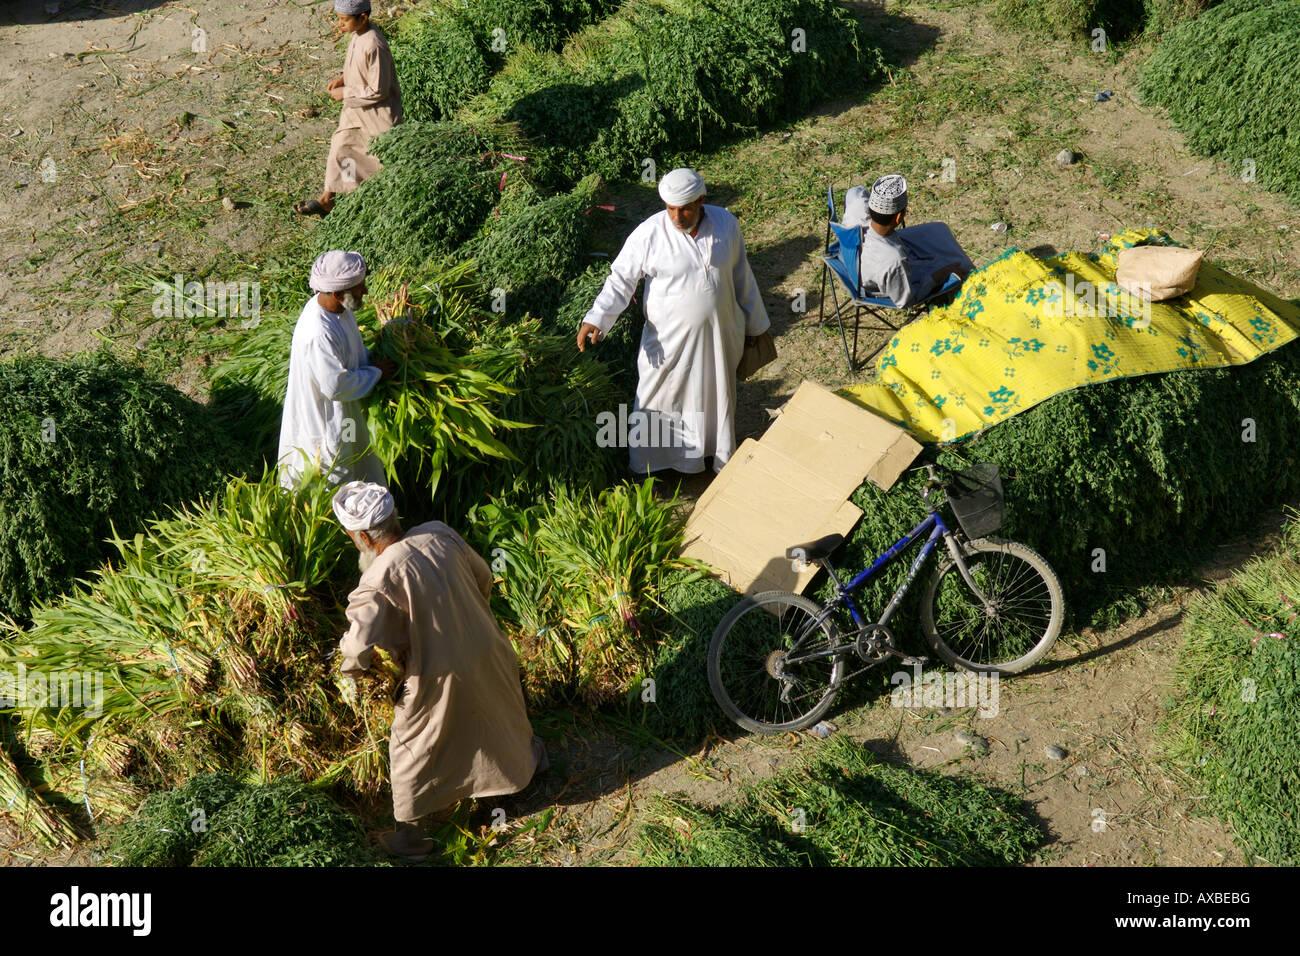 I foraggi per la vendita nel souk outdoor in Nizwa nel Sultanato di Oman. Immagini Stock